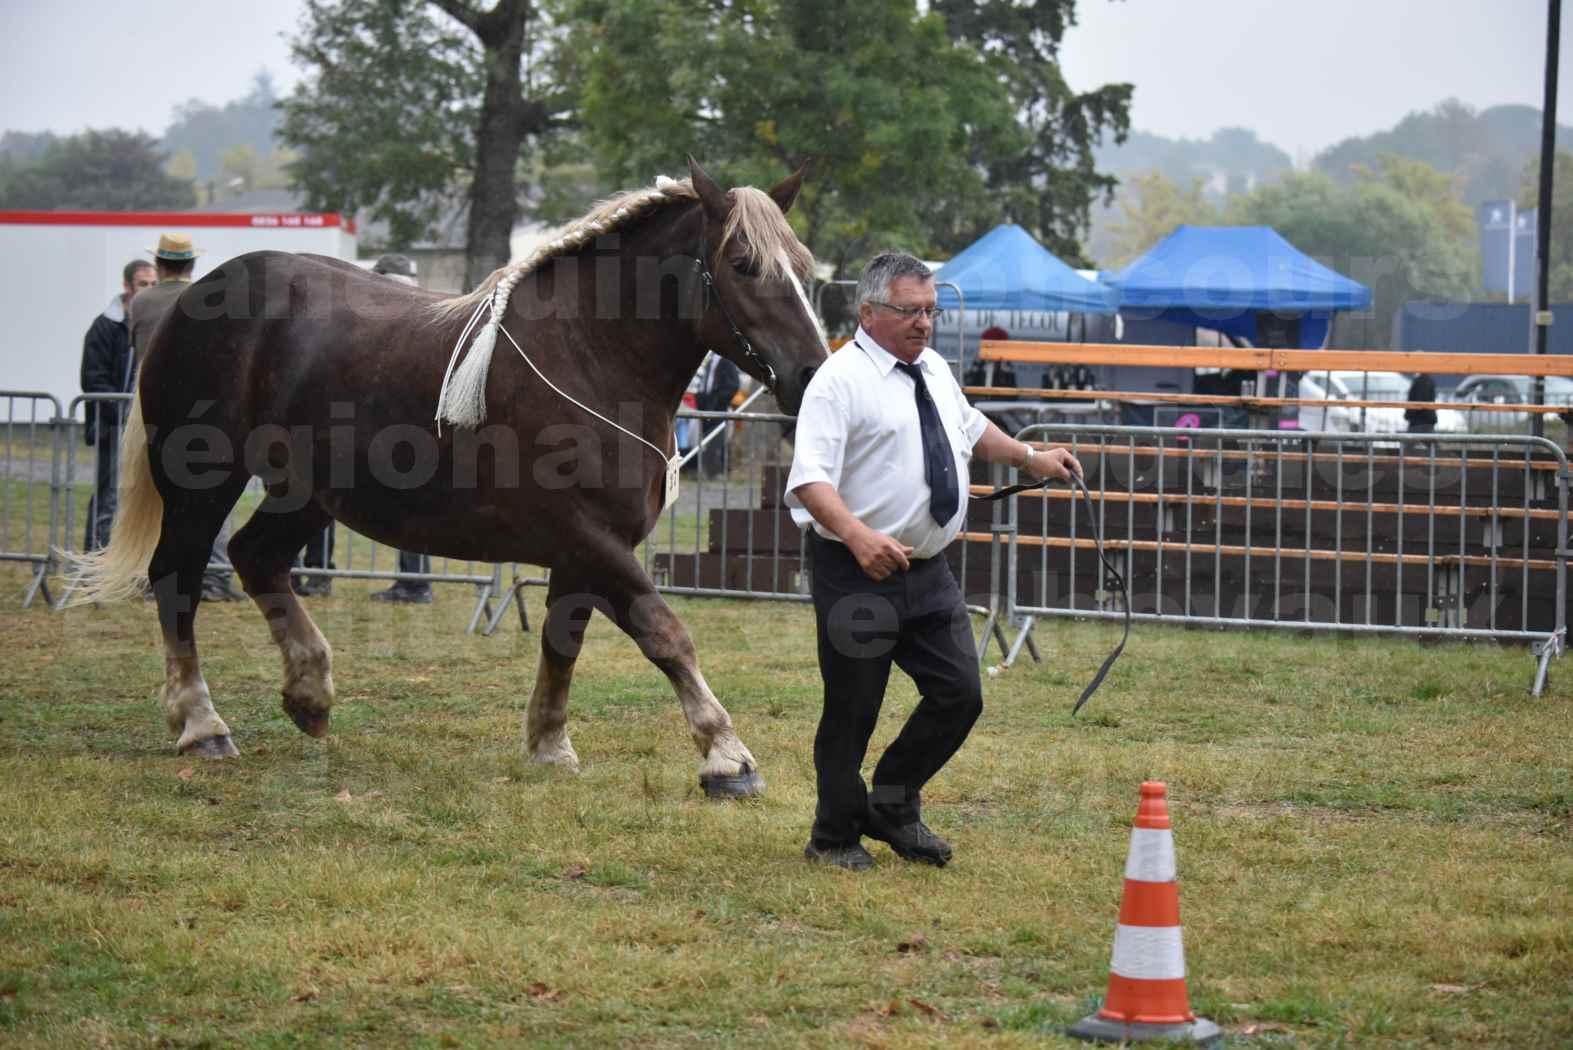 Concours Régional de chevaux de traits en 2017 - Trait BRETON - ELENNE DE TOU FOLL - 23